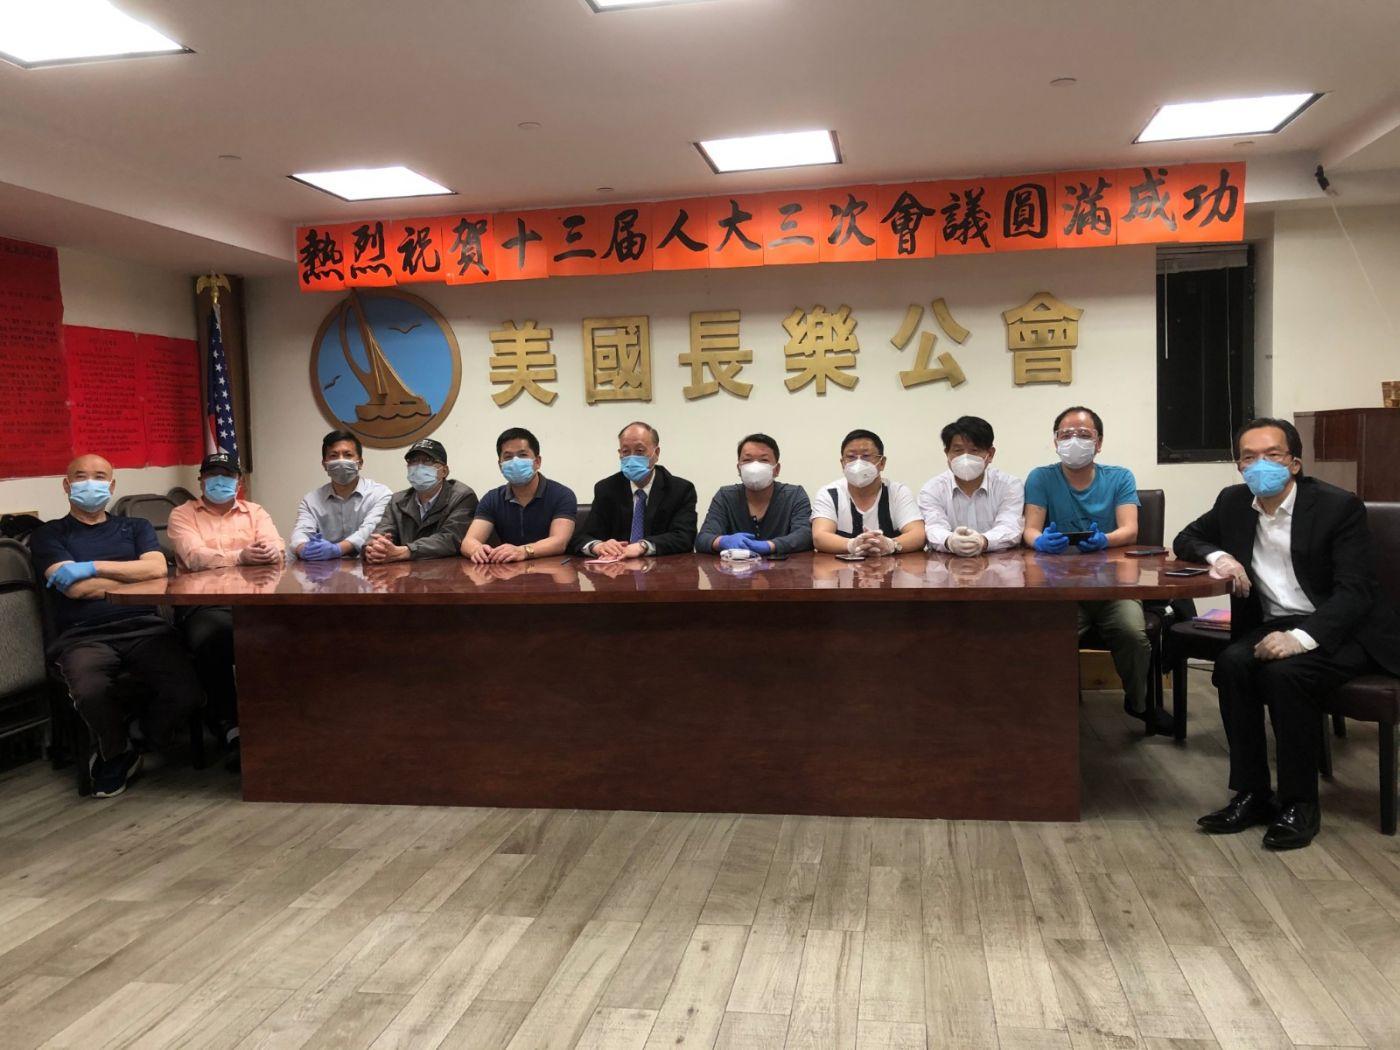 """支持立法决议 繁荣稳定香港 ——美国长乐公会座谈""""两会""""_图1-5"""